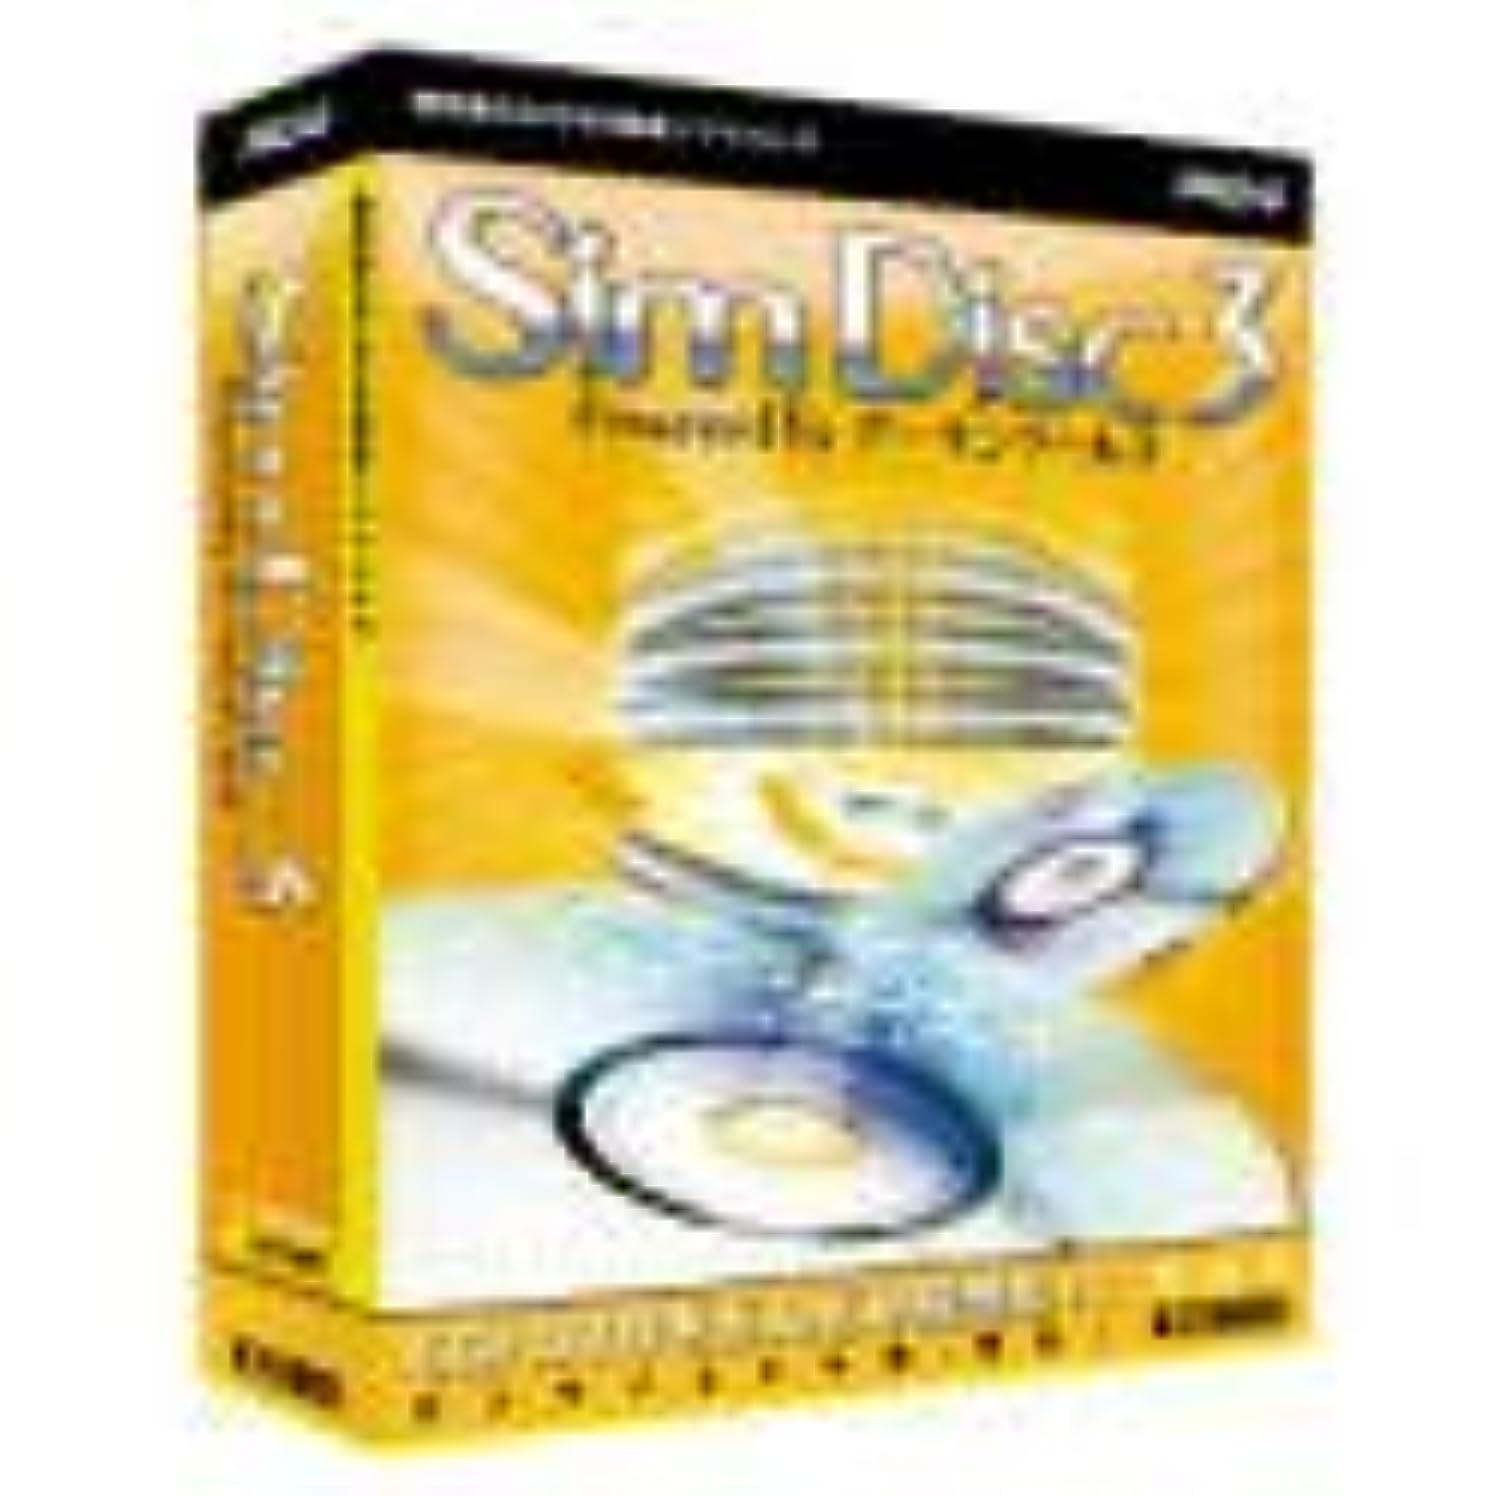 SimDisc 3 Powerd by デーモンツールズ